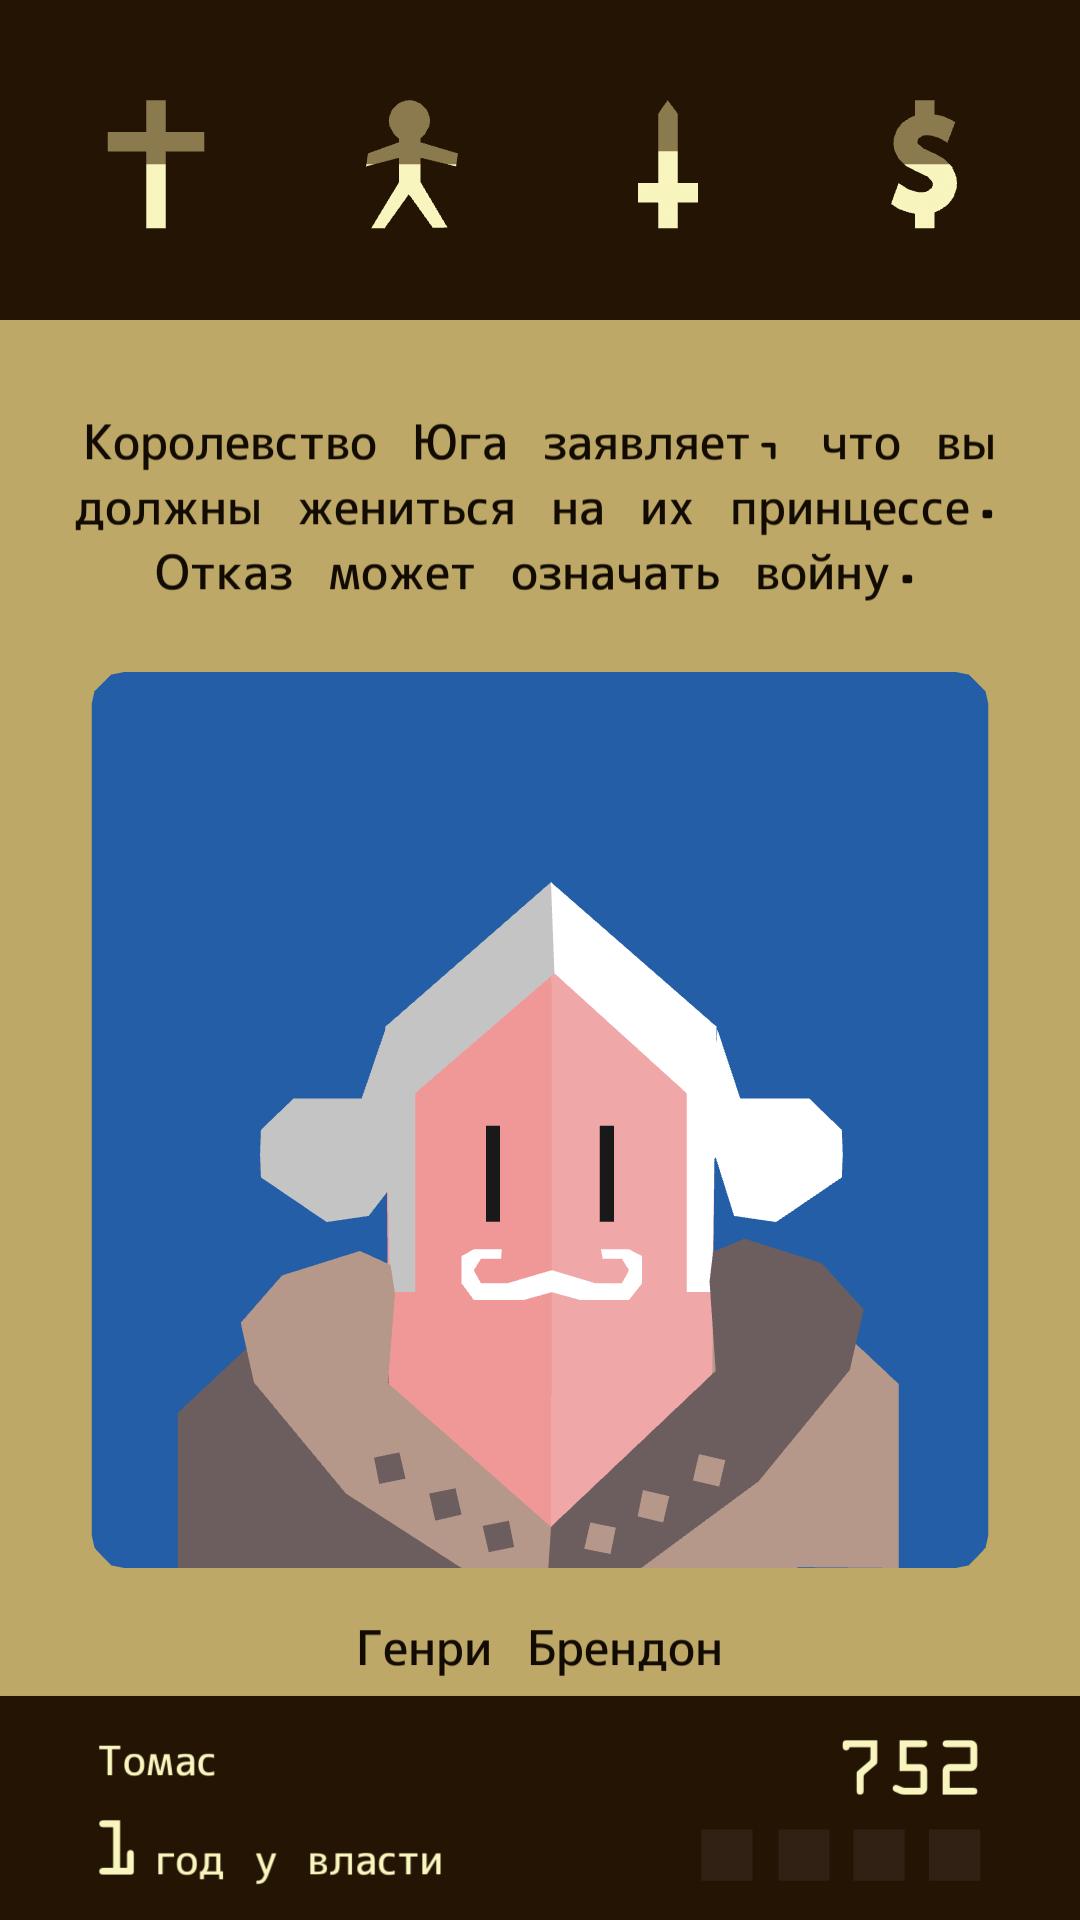 reigns_screen2